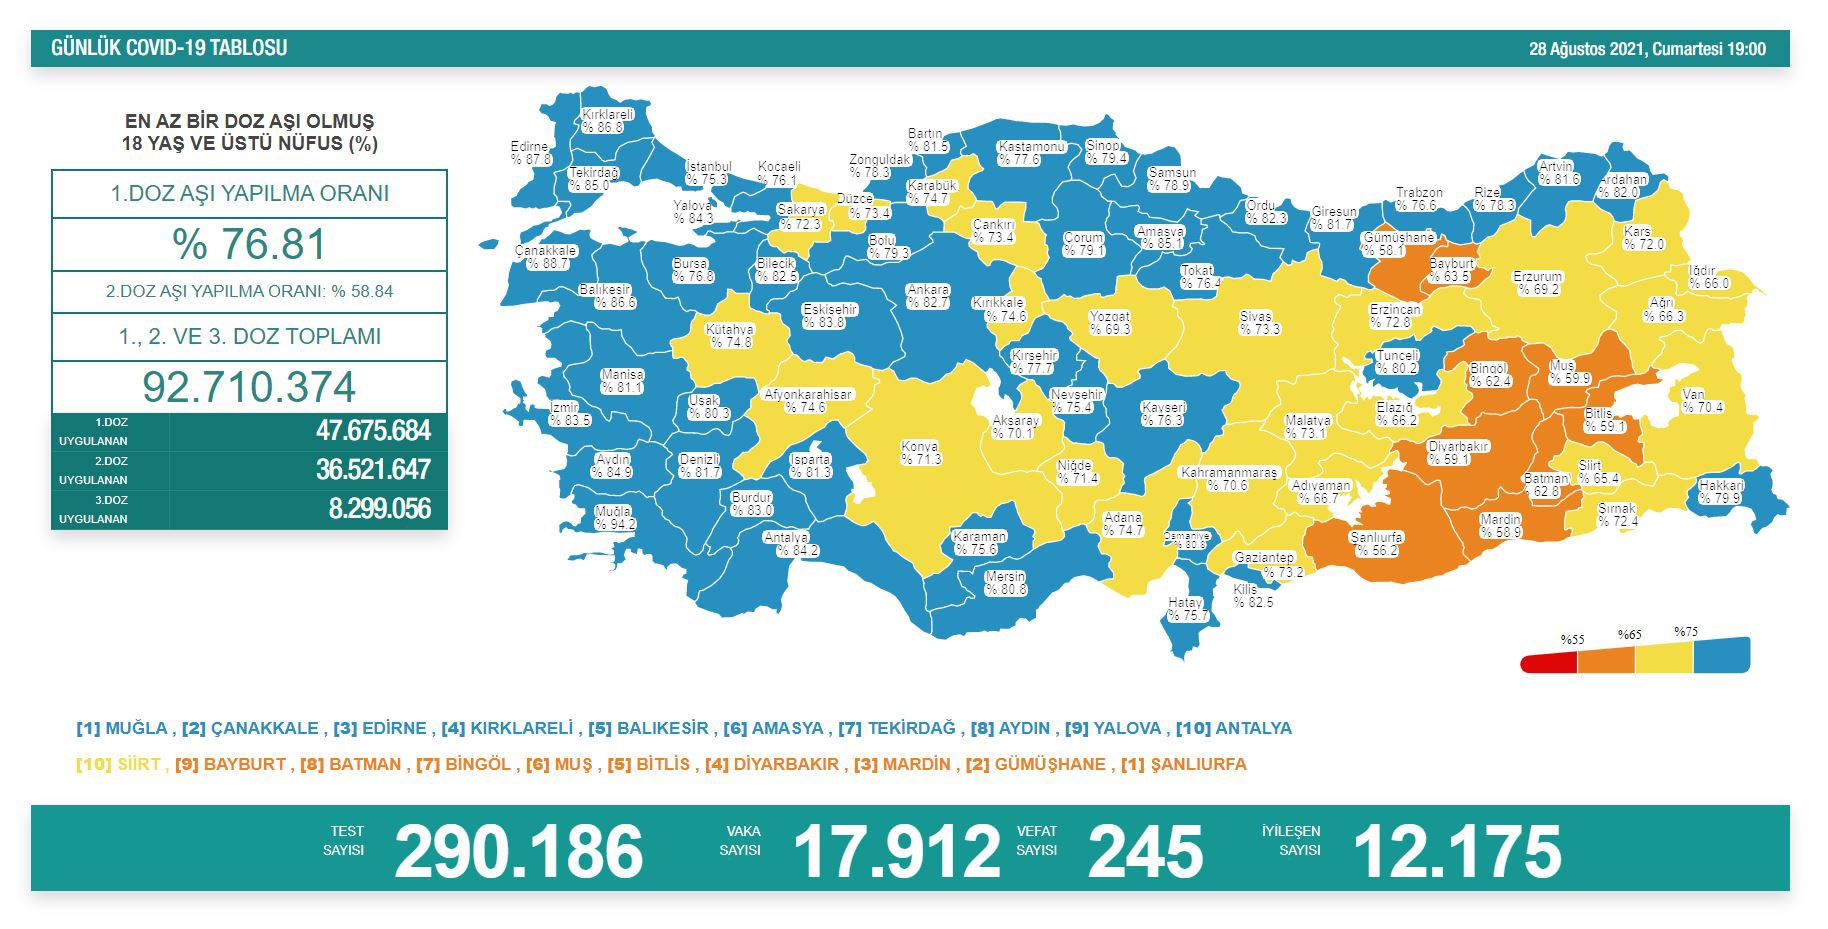 28 Ağustos 2021 Türkiye Koronavirüs Tablosu Açıkladı